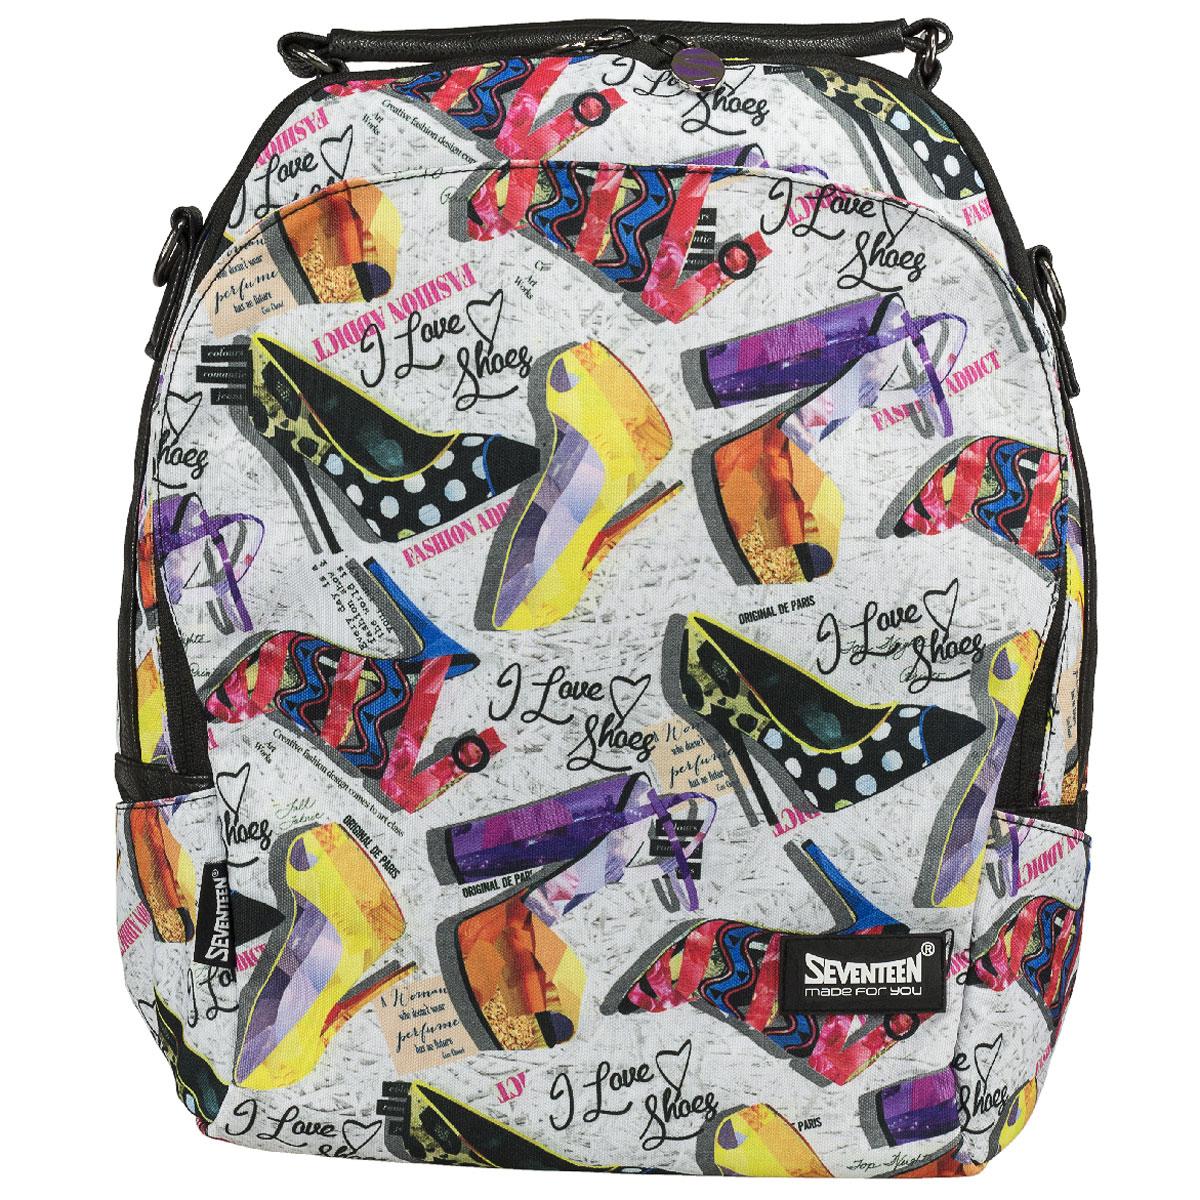 Сумка-рюкзак молодежная Seventeen, цвет: черный, мультицвет. SVCB-RT3-596CRCB-RT2-880Молодежная сумка-рюкзак Seventeen выполнена из высококачественных материалов и оформлена красочным принтом.Модель содержит одно вместительное отделение на застежке-молнии с двумя бегунками. Внутри отделения находятся прорезной карман на молнии и два открытых кармашка. Фронтальный карман с клапаном на магнитах. Задняя стенка сумки-рюкзака оснащена прорезным карманом на молнии. По бокам изделия находятся открытые карманы. Сумка оснащена удобной ручкой для переноски в руке, а также плечевым ремнем, с помощью которого сумку-рюкзак можно носить на плече и как рюкзак.Такую сумку-рюкзак можно использовать для повседневных прогулок, отдыха и спорта, а также как элемент вашего имиджа.Рекомендуемый возраст: от 12 лет.